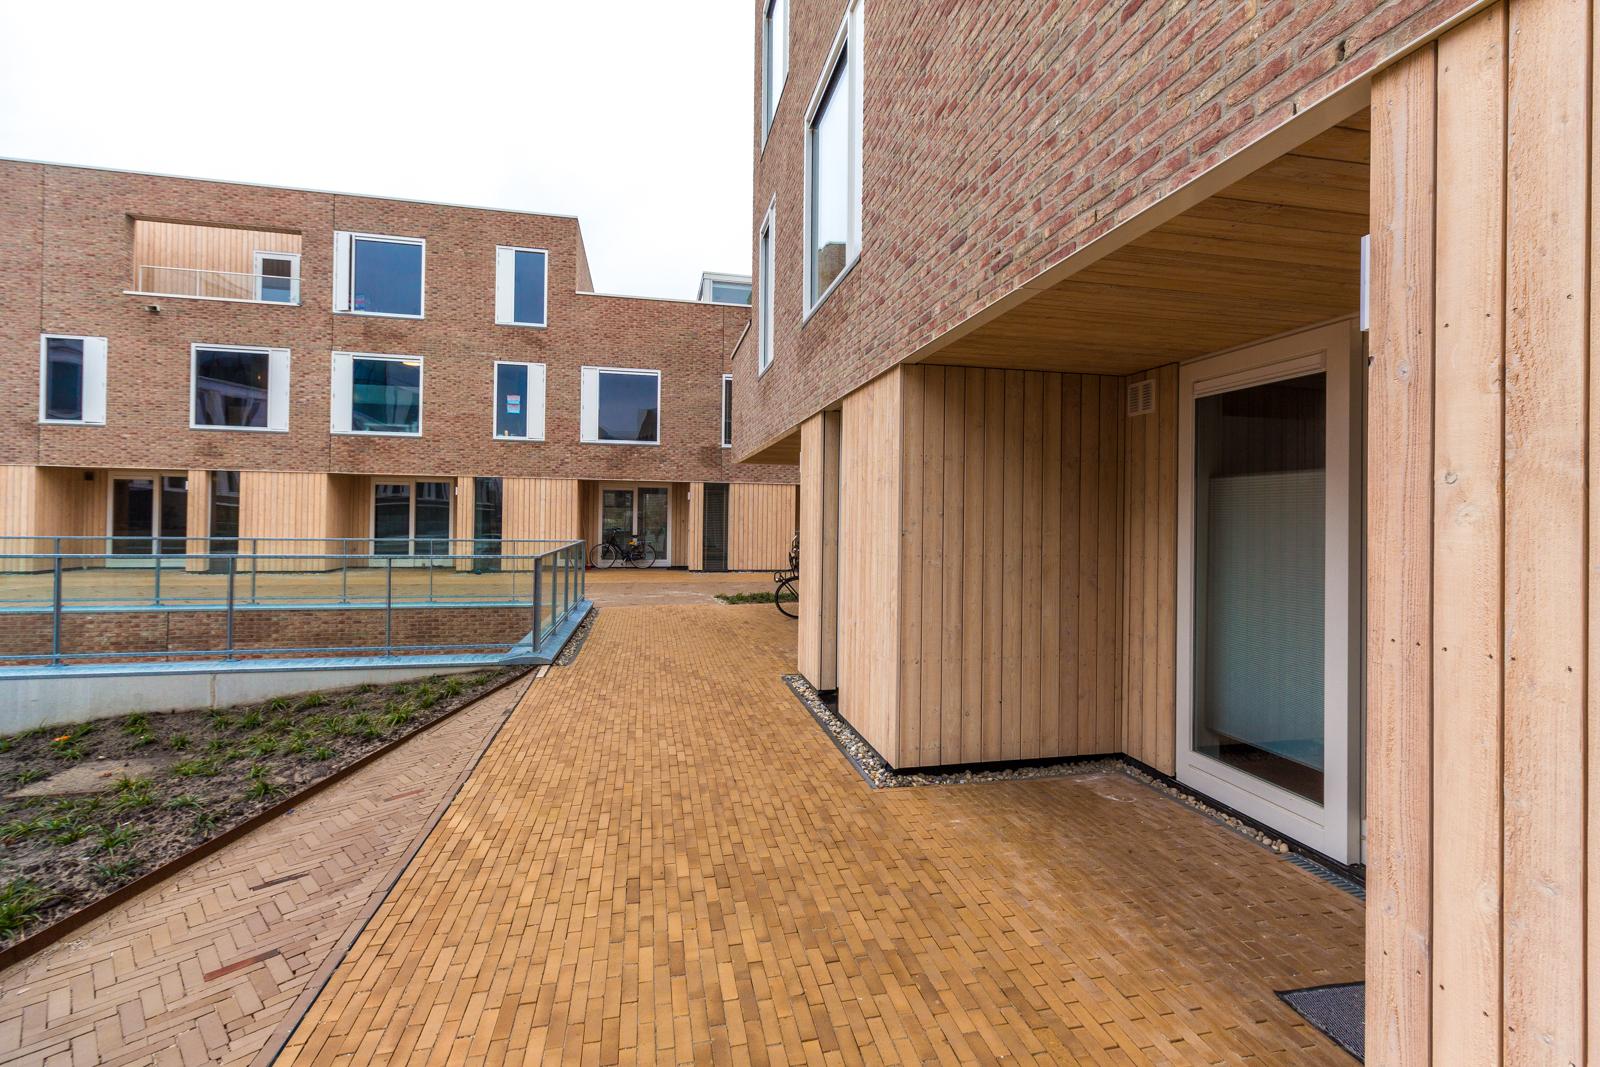 Lunettenhof_Groningen-6653